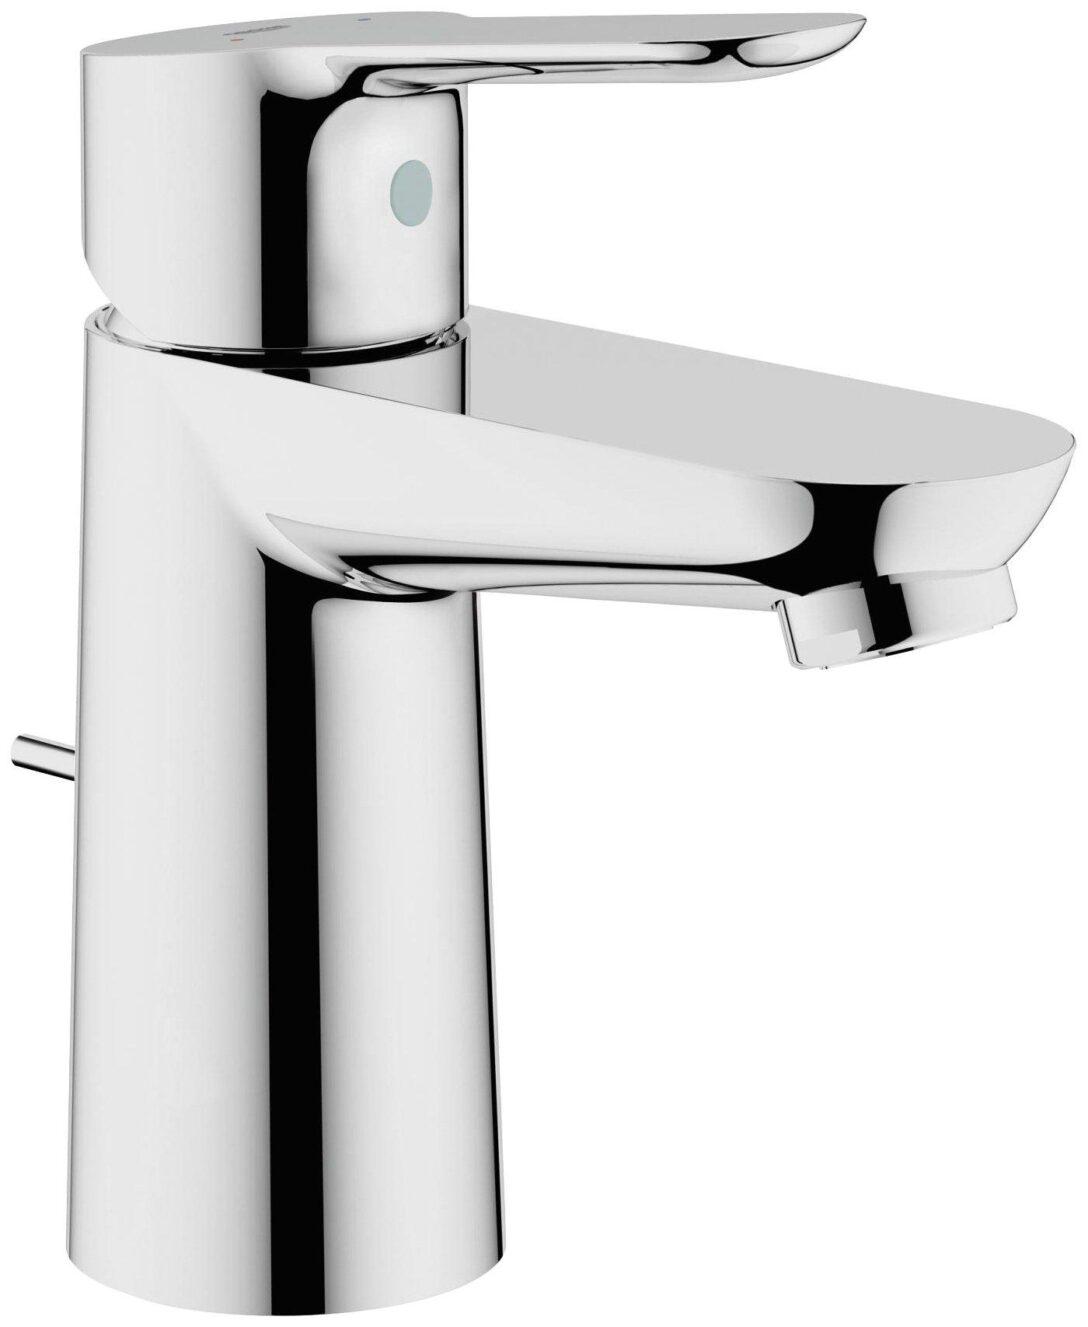 Large Size of Grohe Wasserhahn Dusche Für Küche Wandanschluss Thermostat Bad Wohnzimmer Grohe Wasserhahn